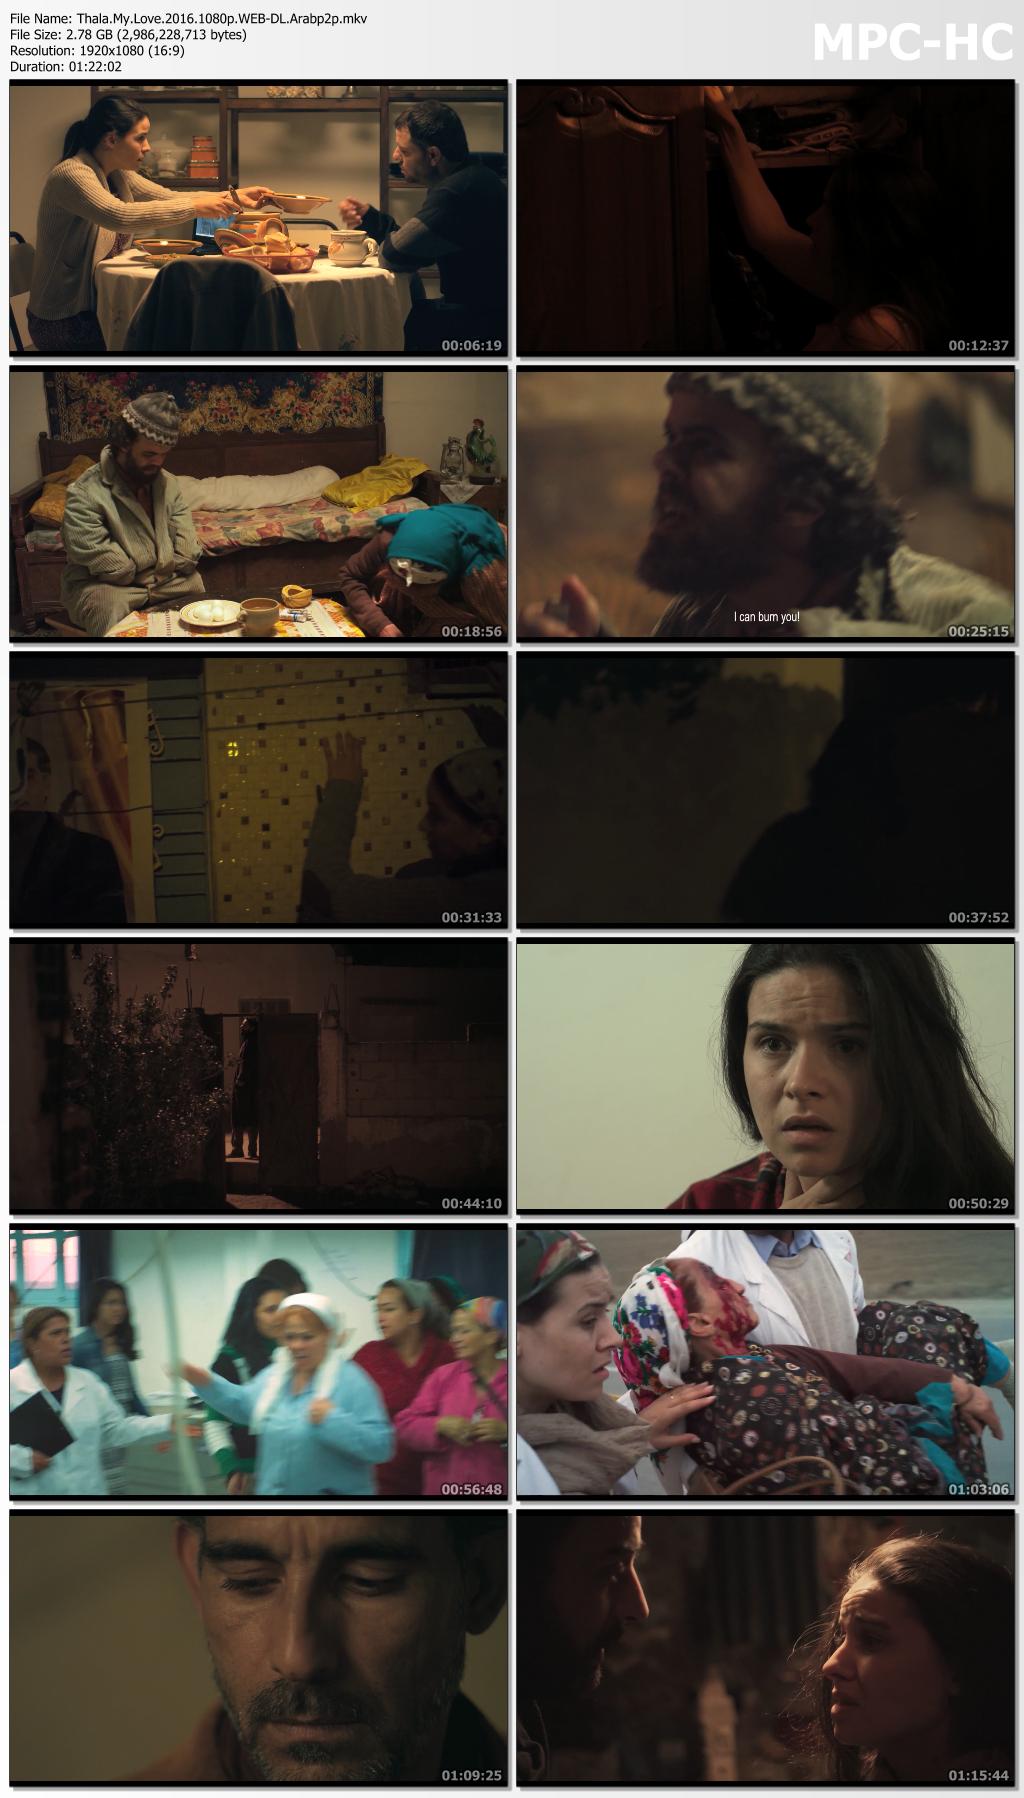 [فيلم][تورنت][تحميل][تالة حبيبتي][2016][1080p][Web-DL][تونسي] 5 arabp2p.com